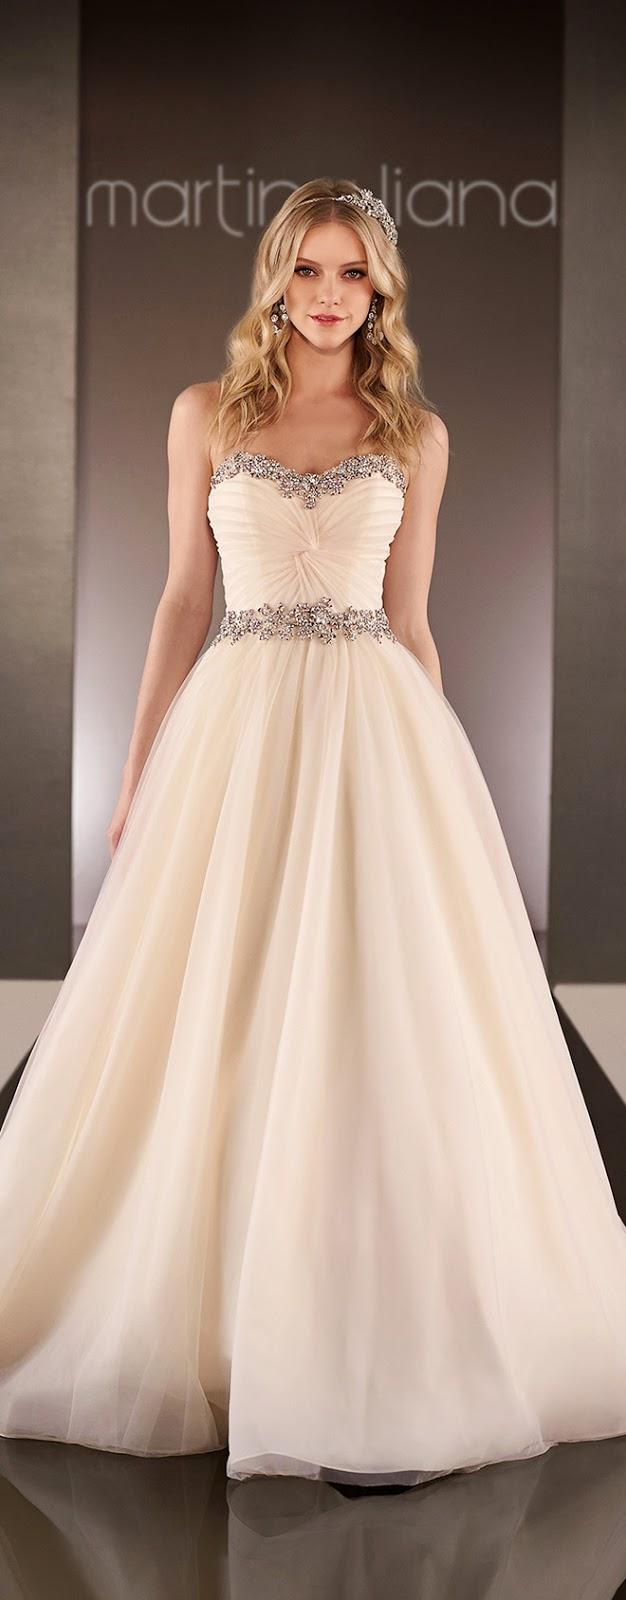 Martina Liana Spring 2015 Bridal Collection